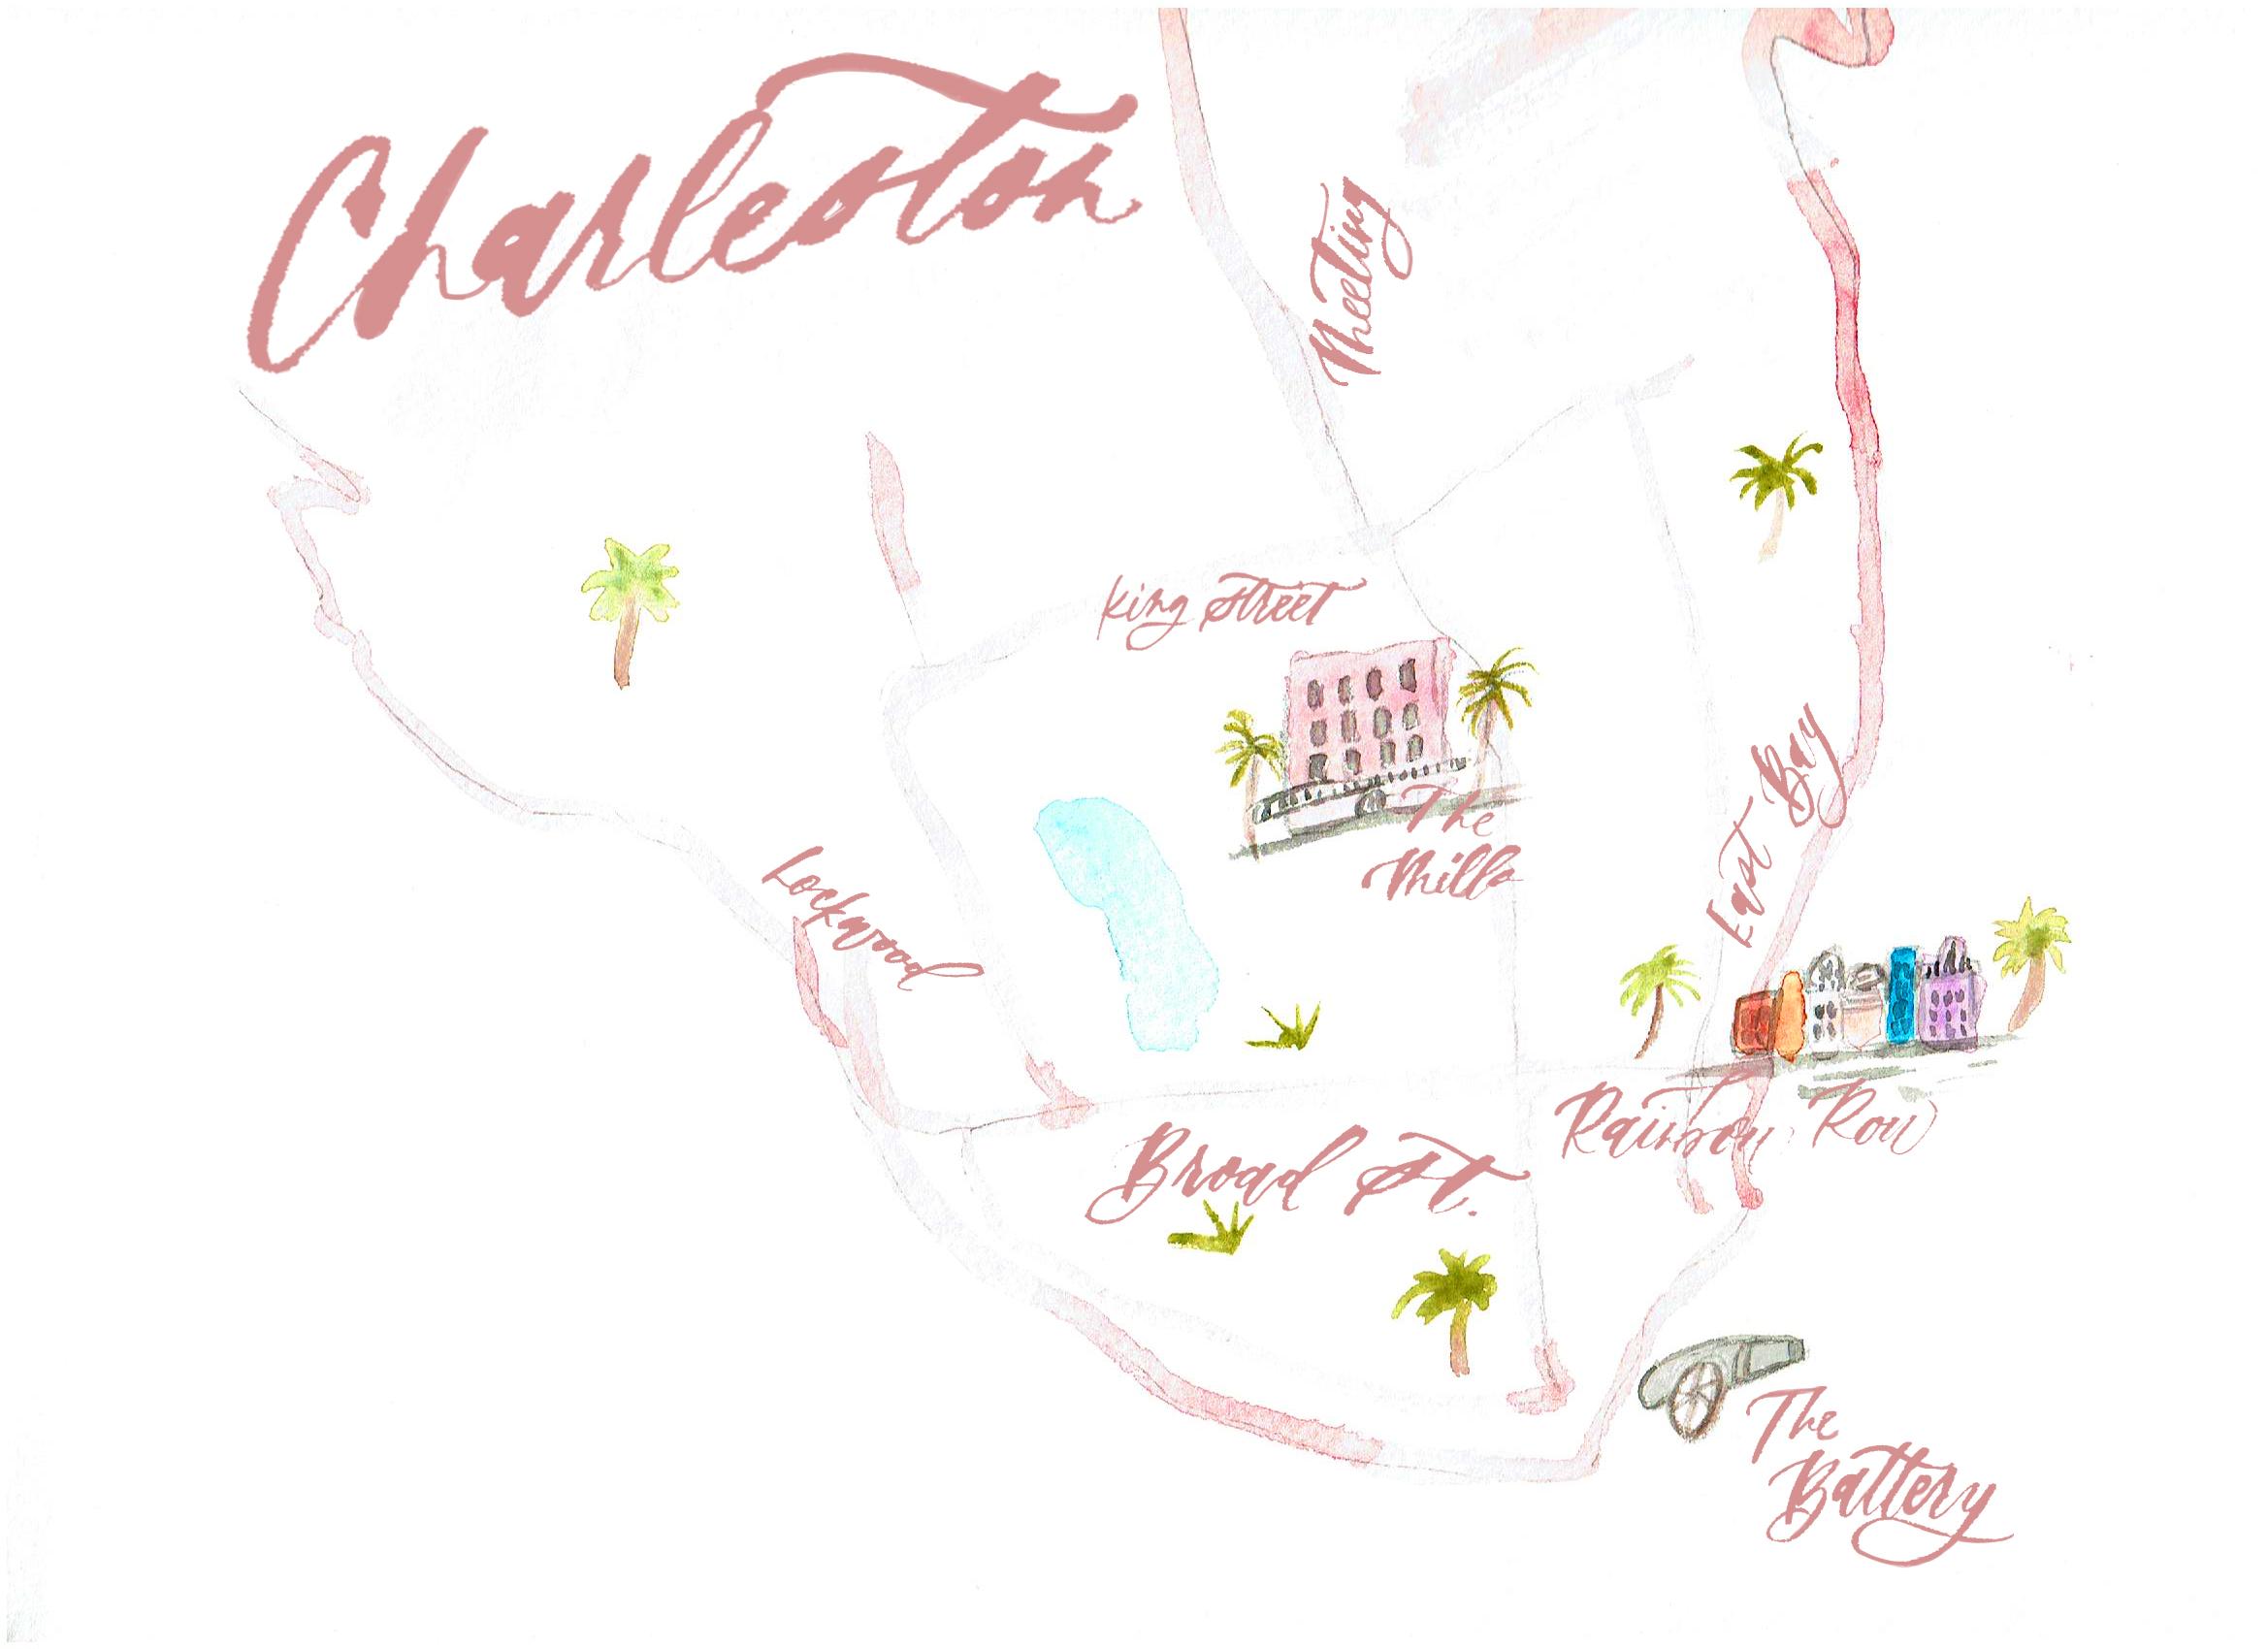 watercolor map of Charleston from Lauren Antoniaa